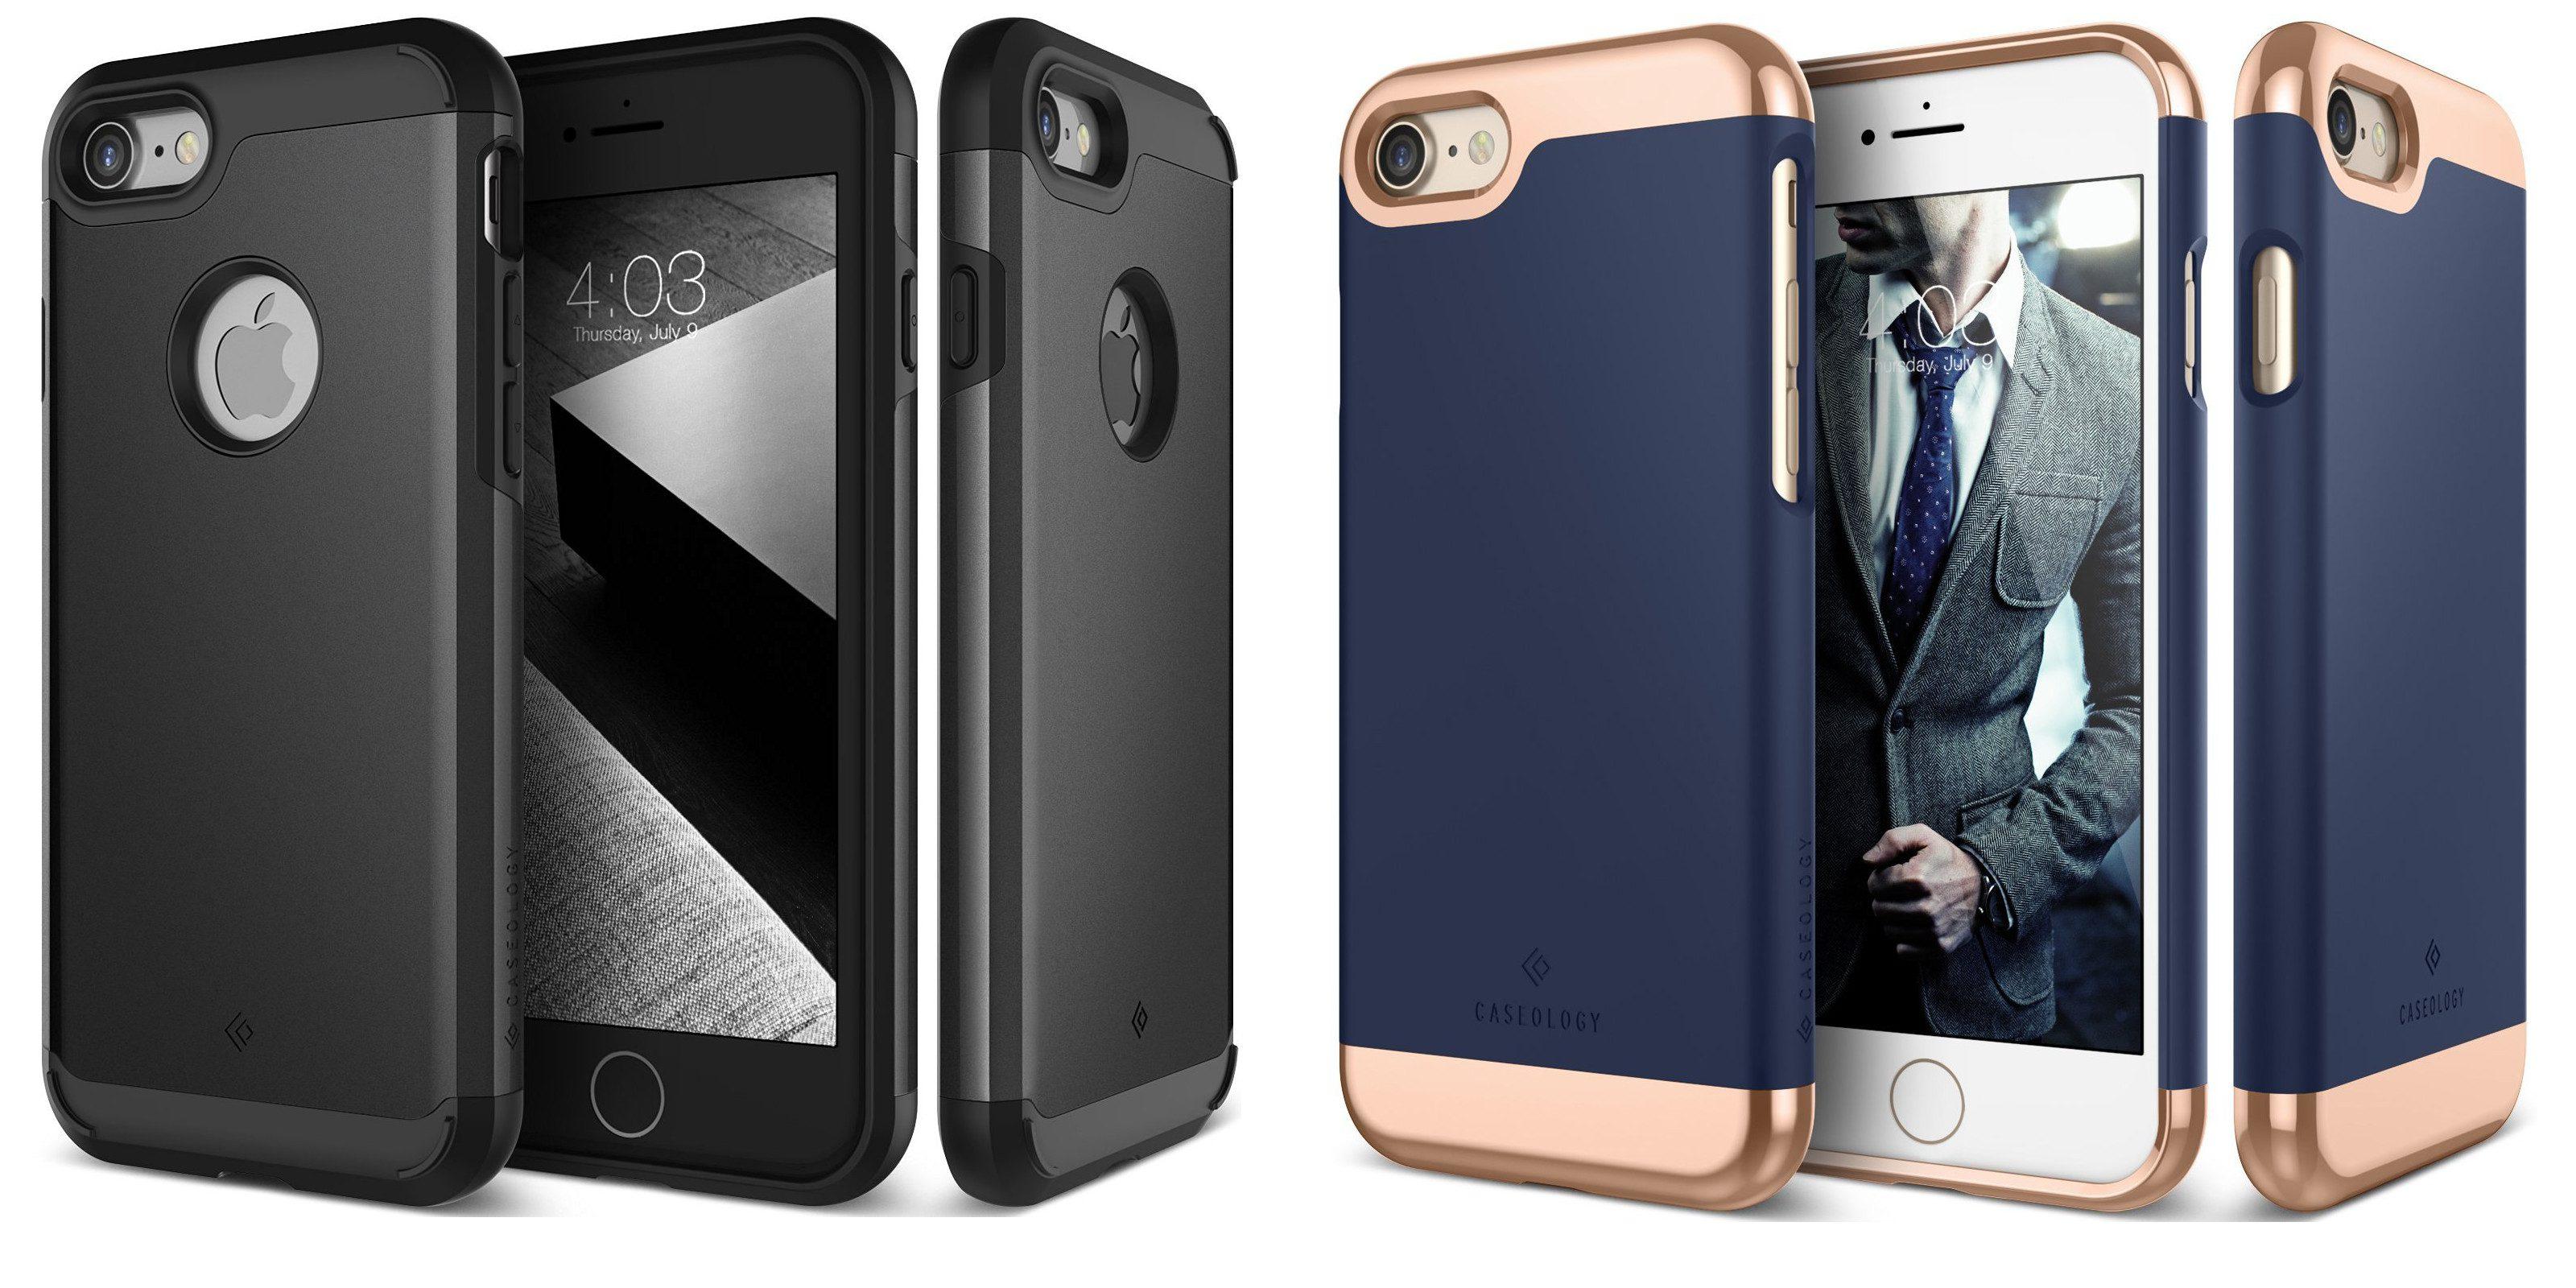 iphone-7-case-sale-01